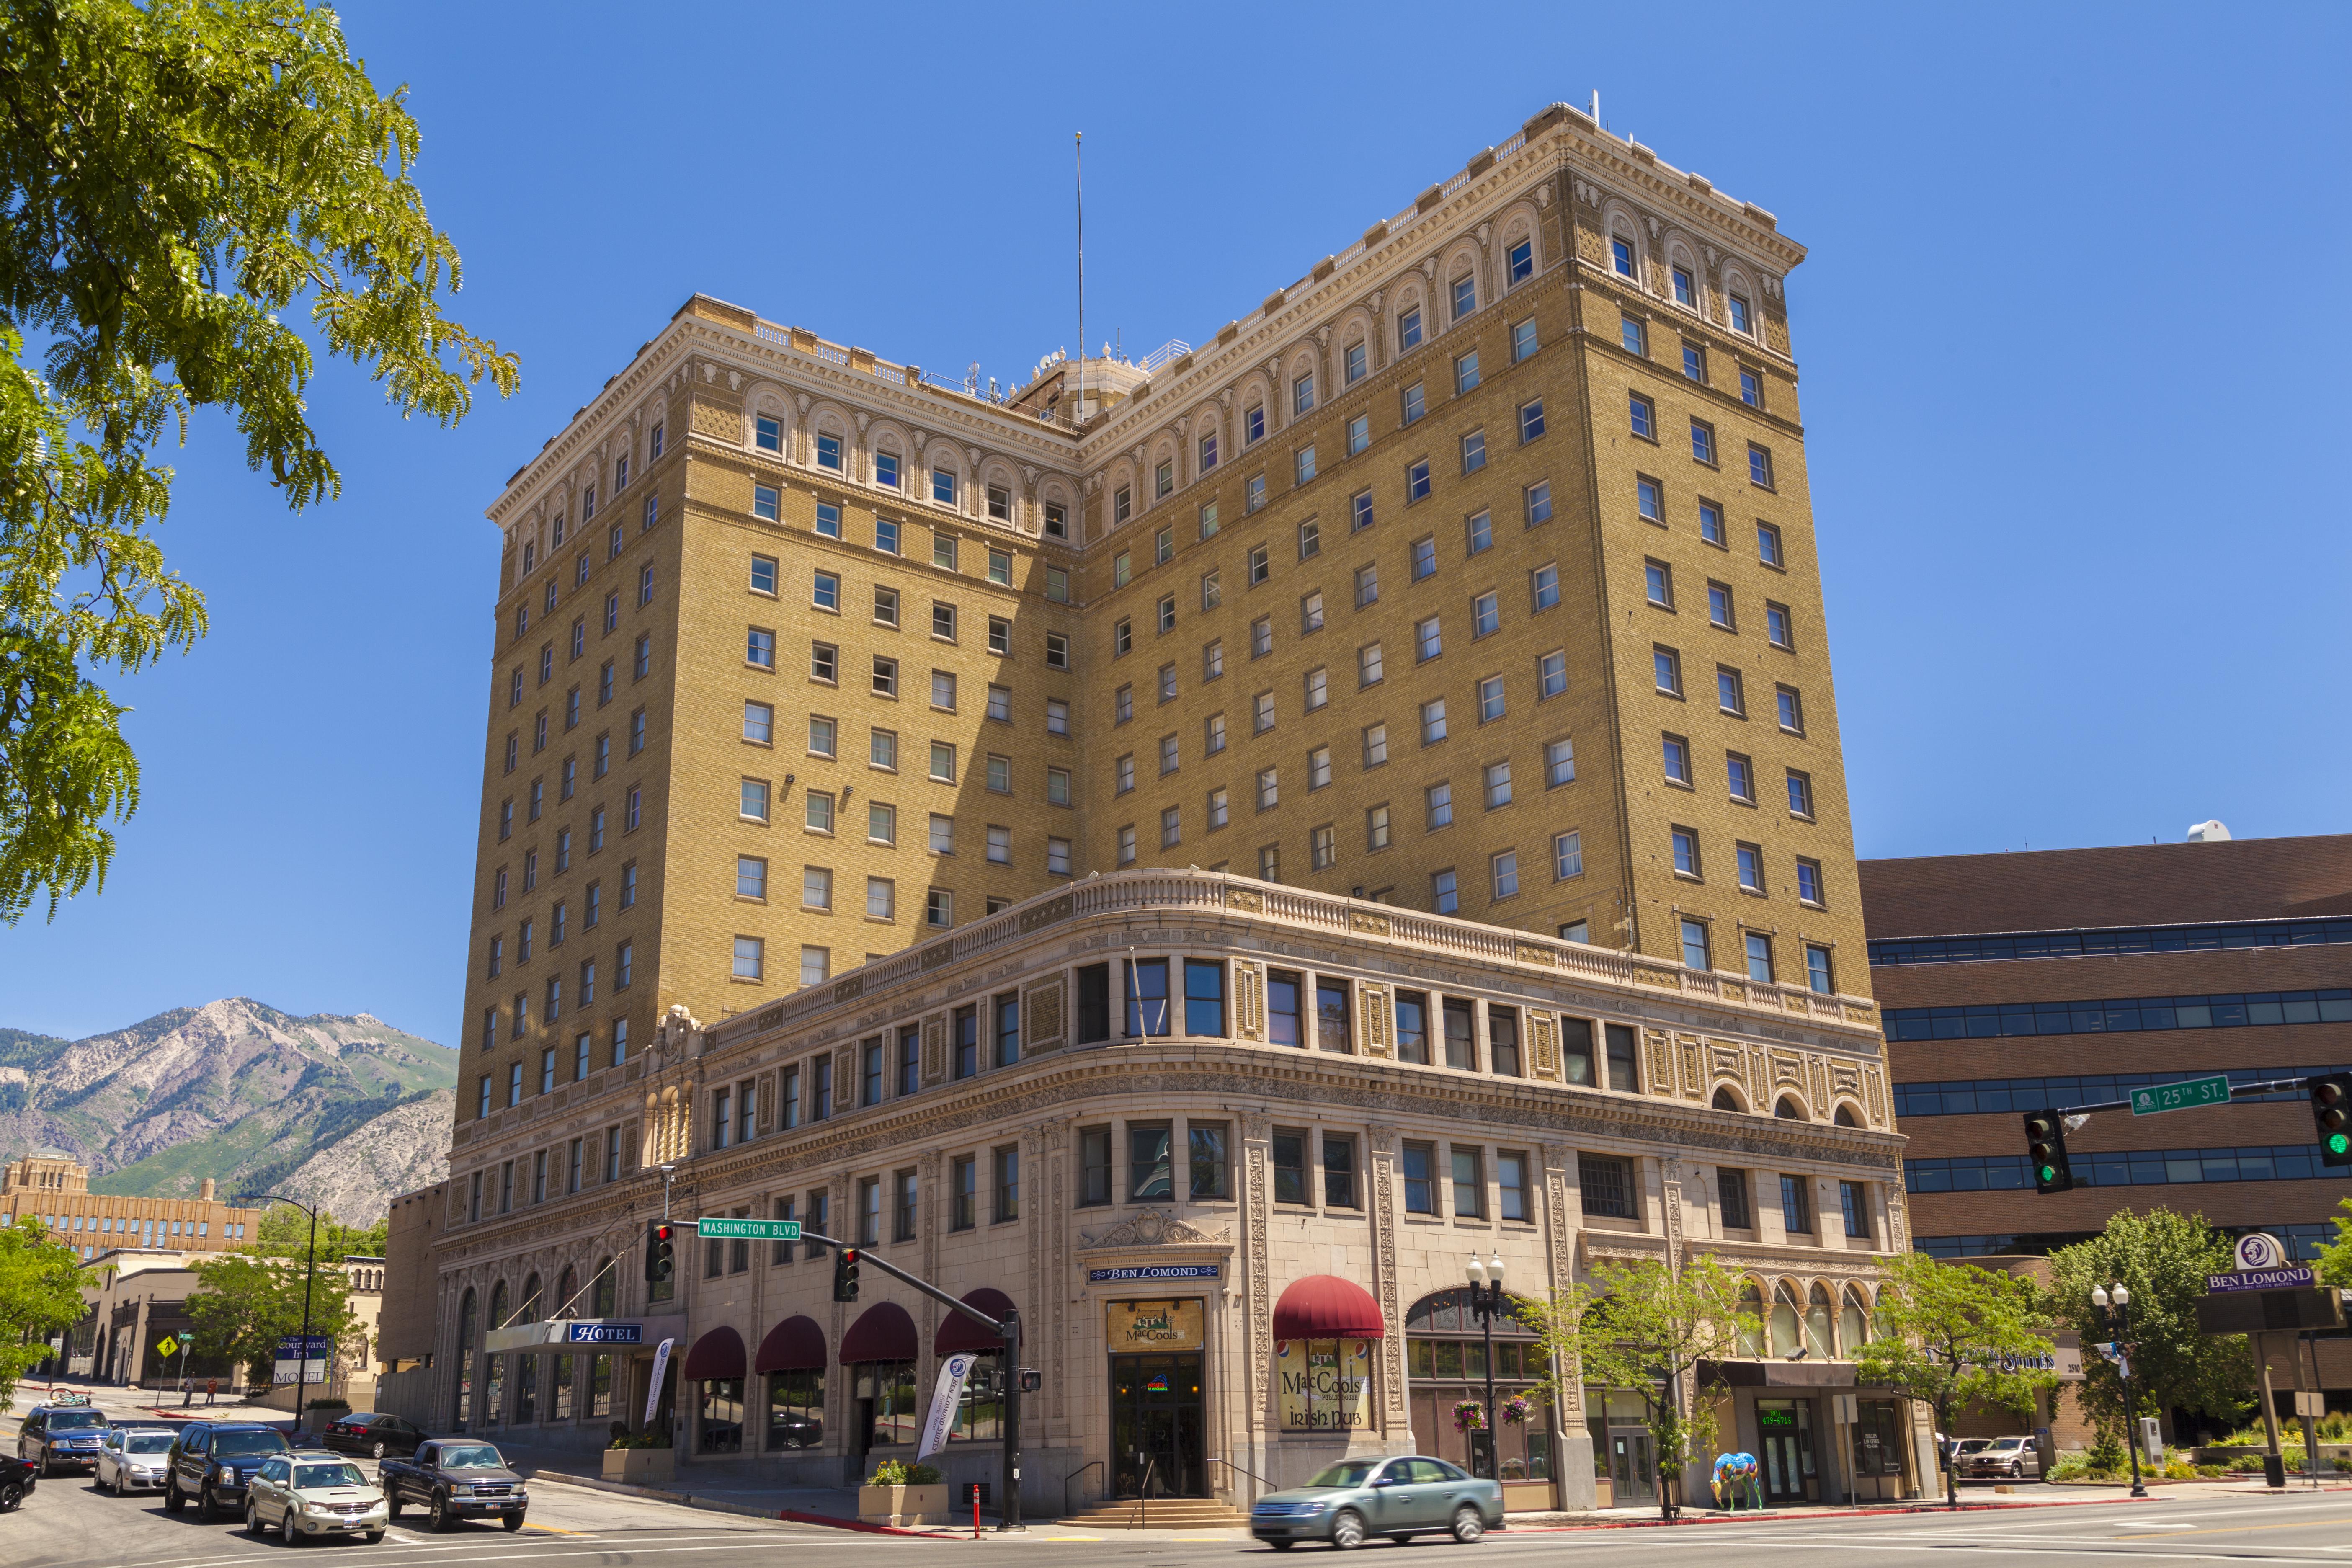 bigelow ben lomond hotel wikipedia